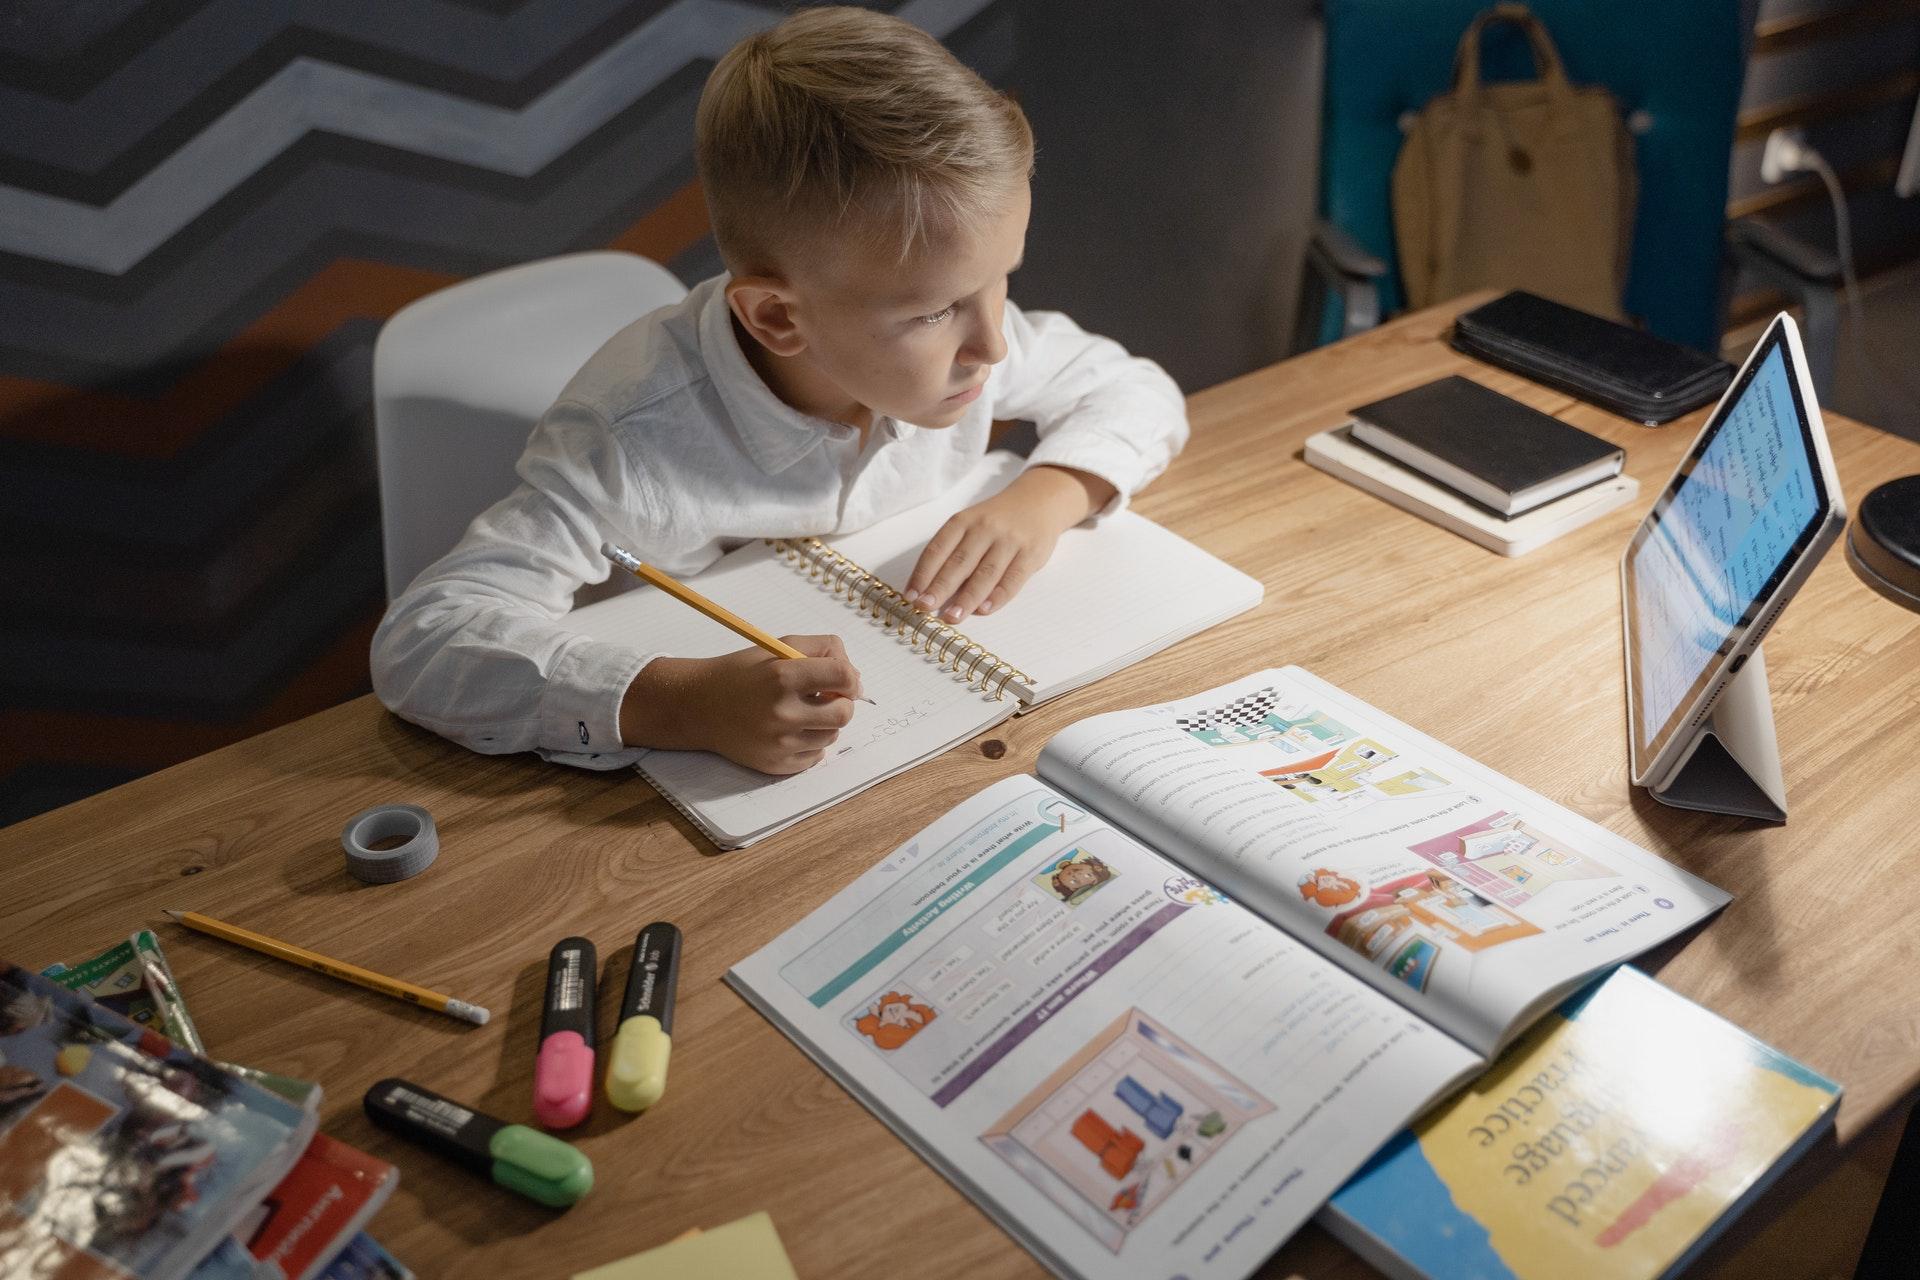 Vemos uma criança em frente um tablet enquanto estuda; vemos livros, cadernos, lápis, etc., sobre a mesa (imagem ilustrativa). Texto: franquia boa e barata.